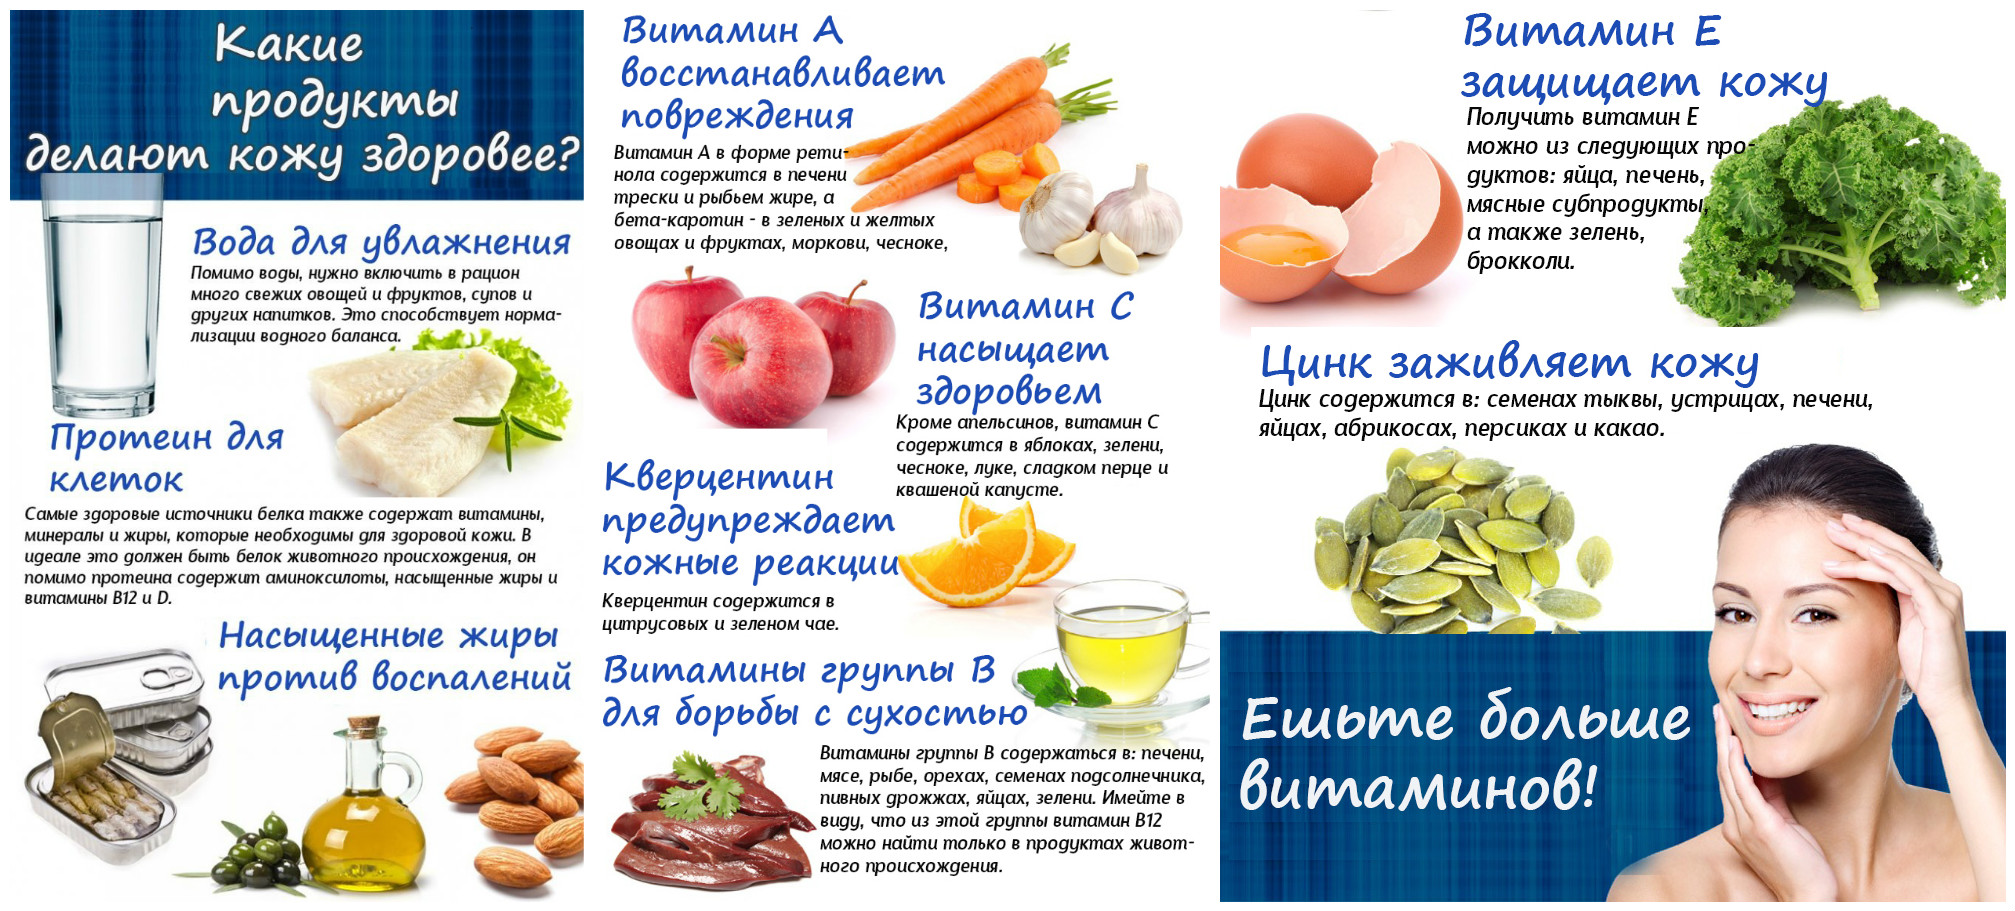 Витамины и продукты для улучшения волос